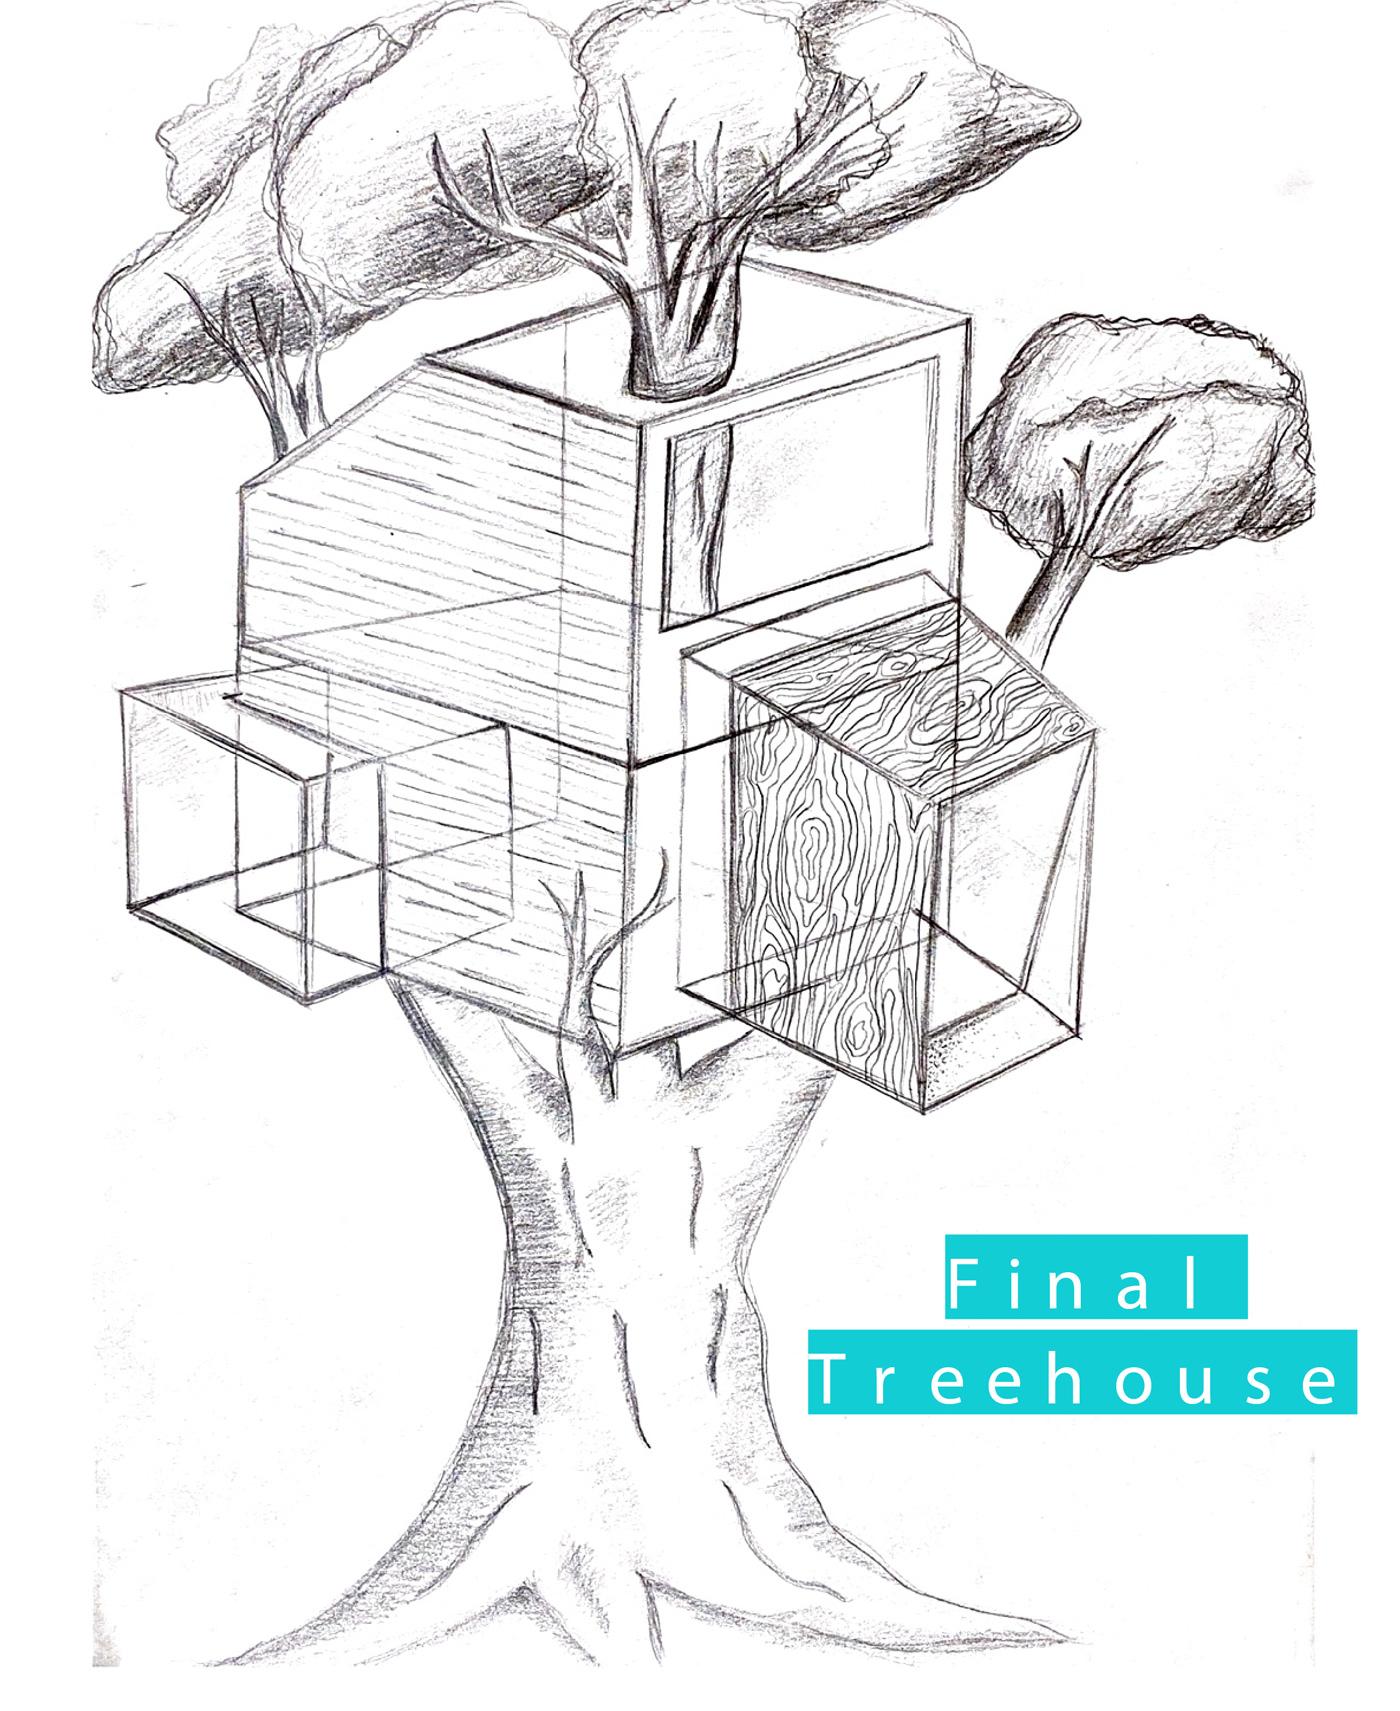 Eliya | Treehouse